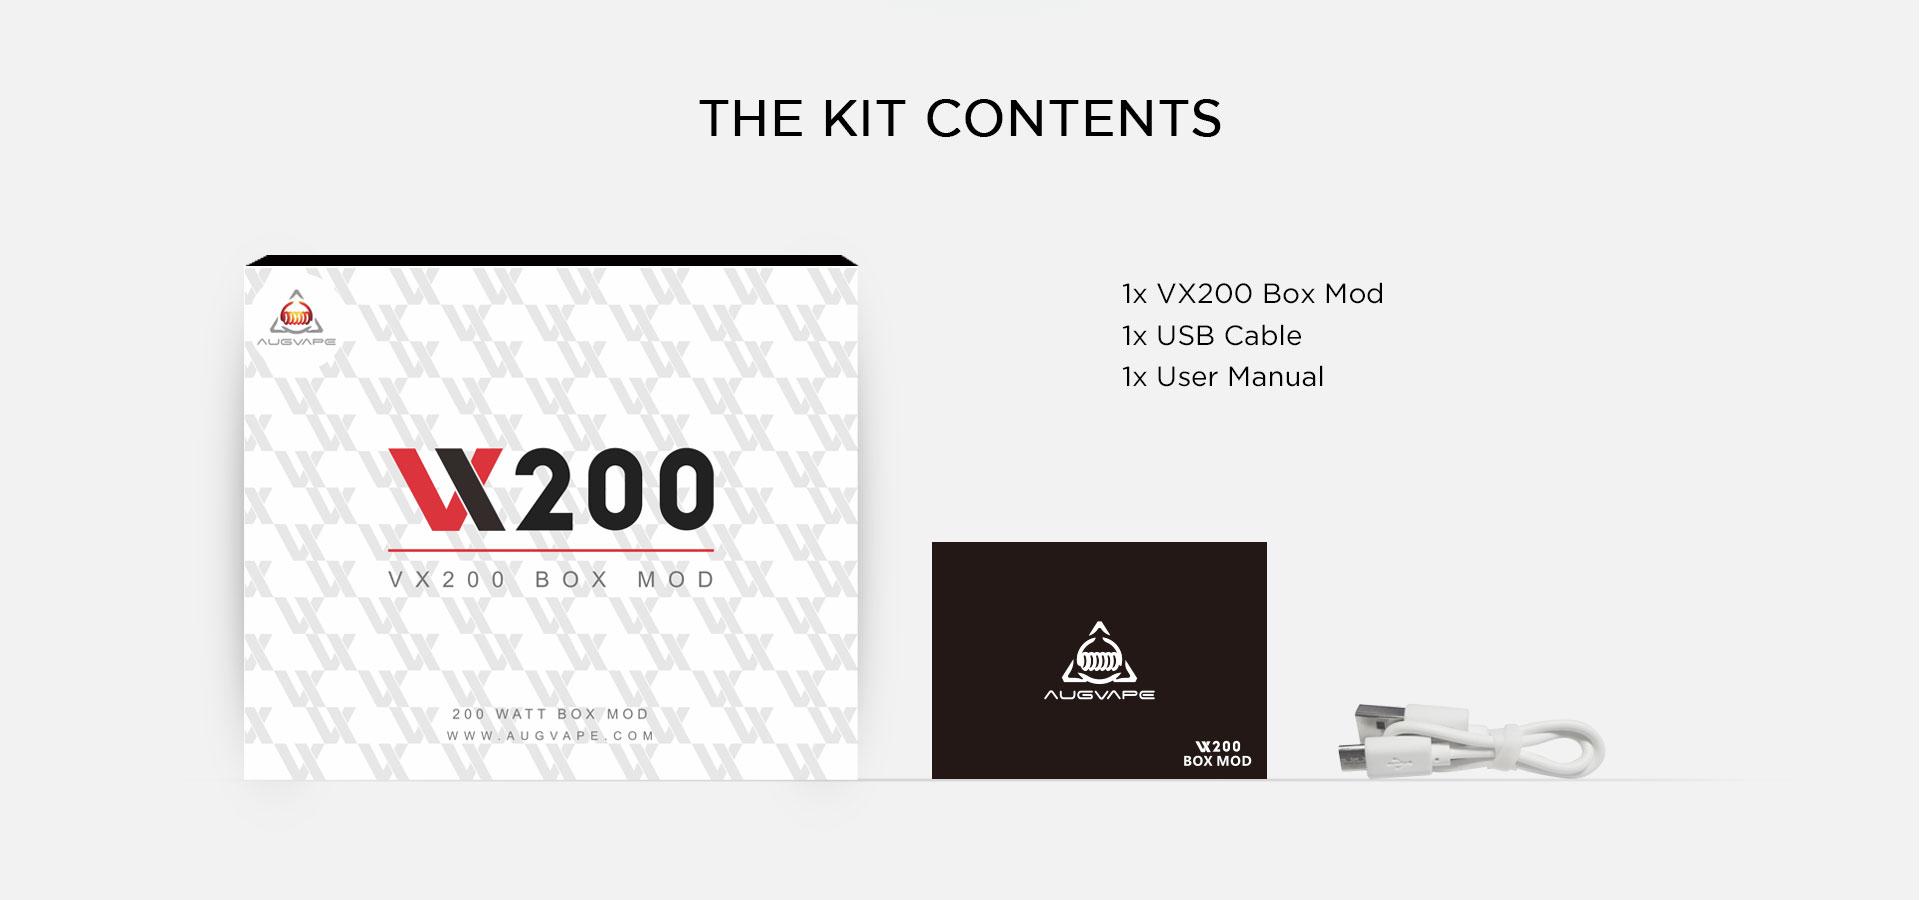 vx200 box mod